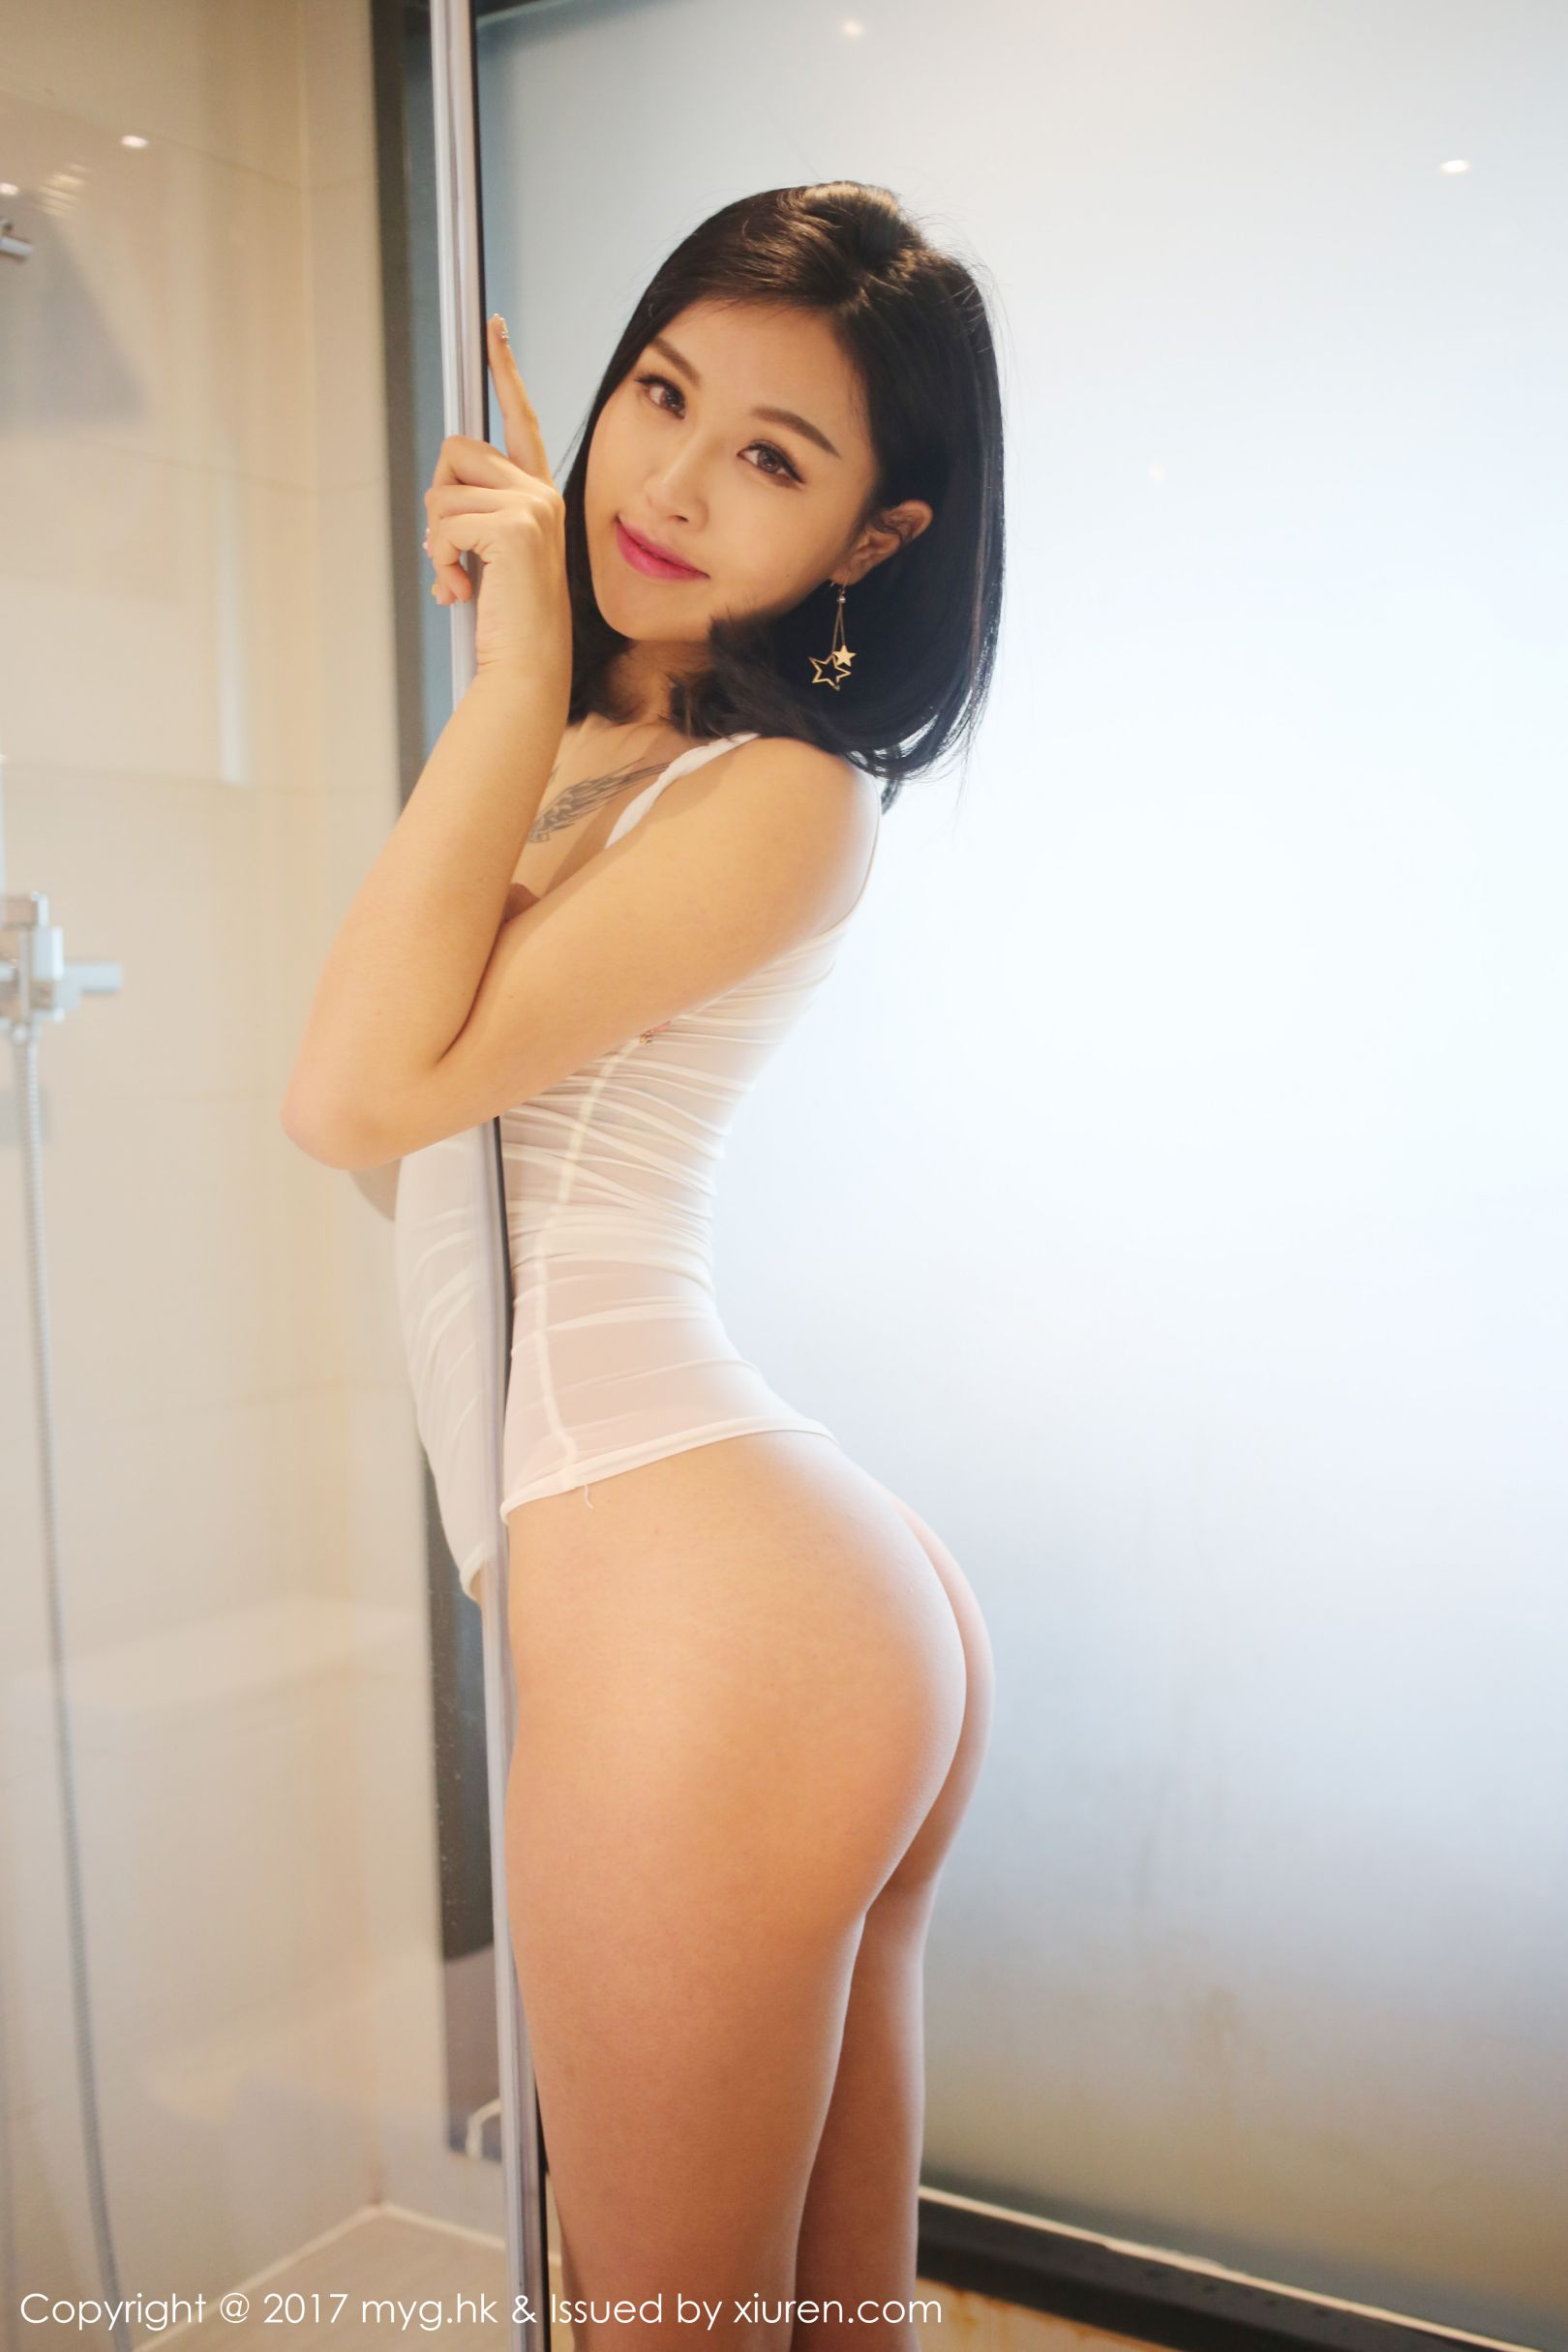 小丽er - 精彩美臀福利写真